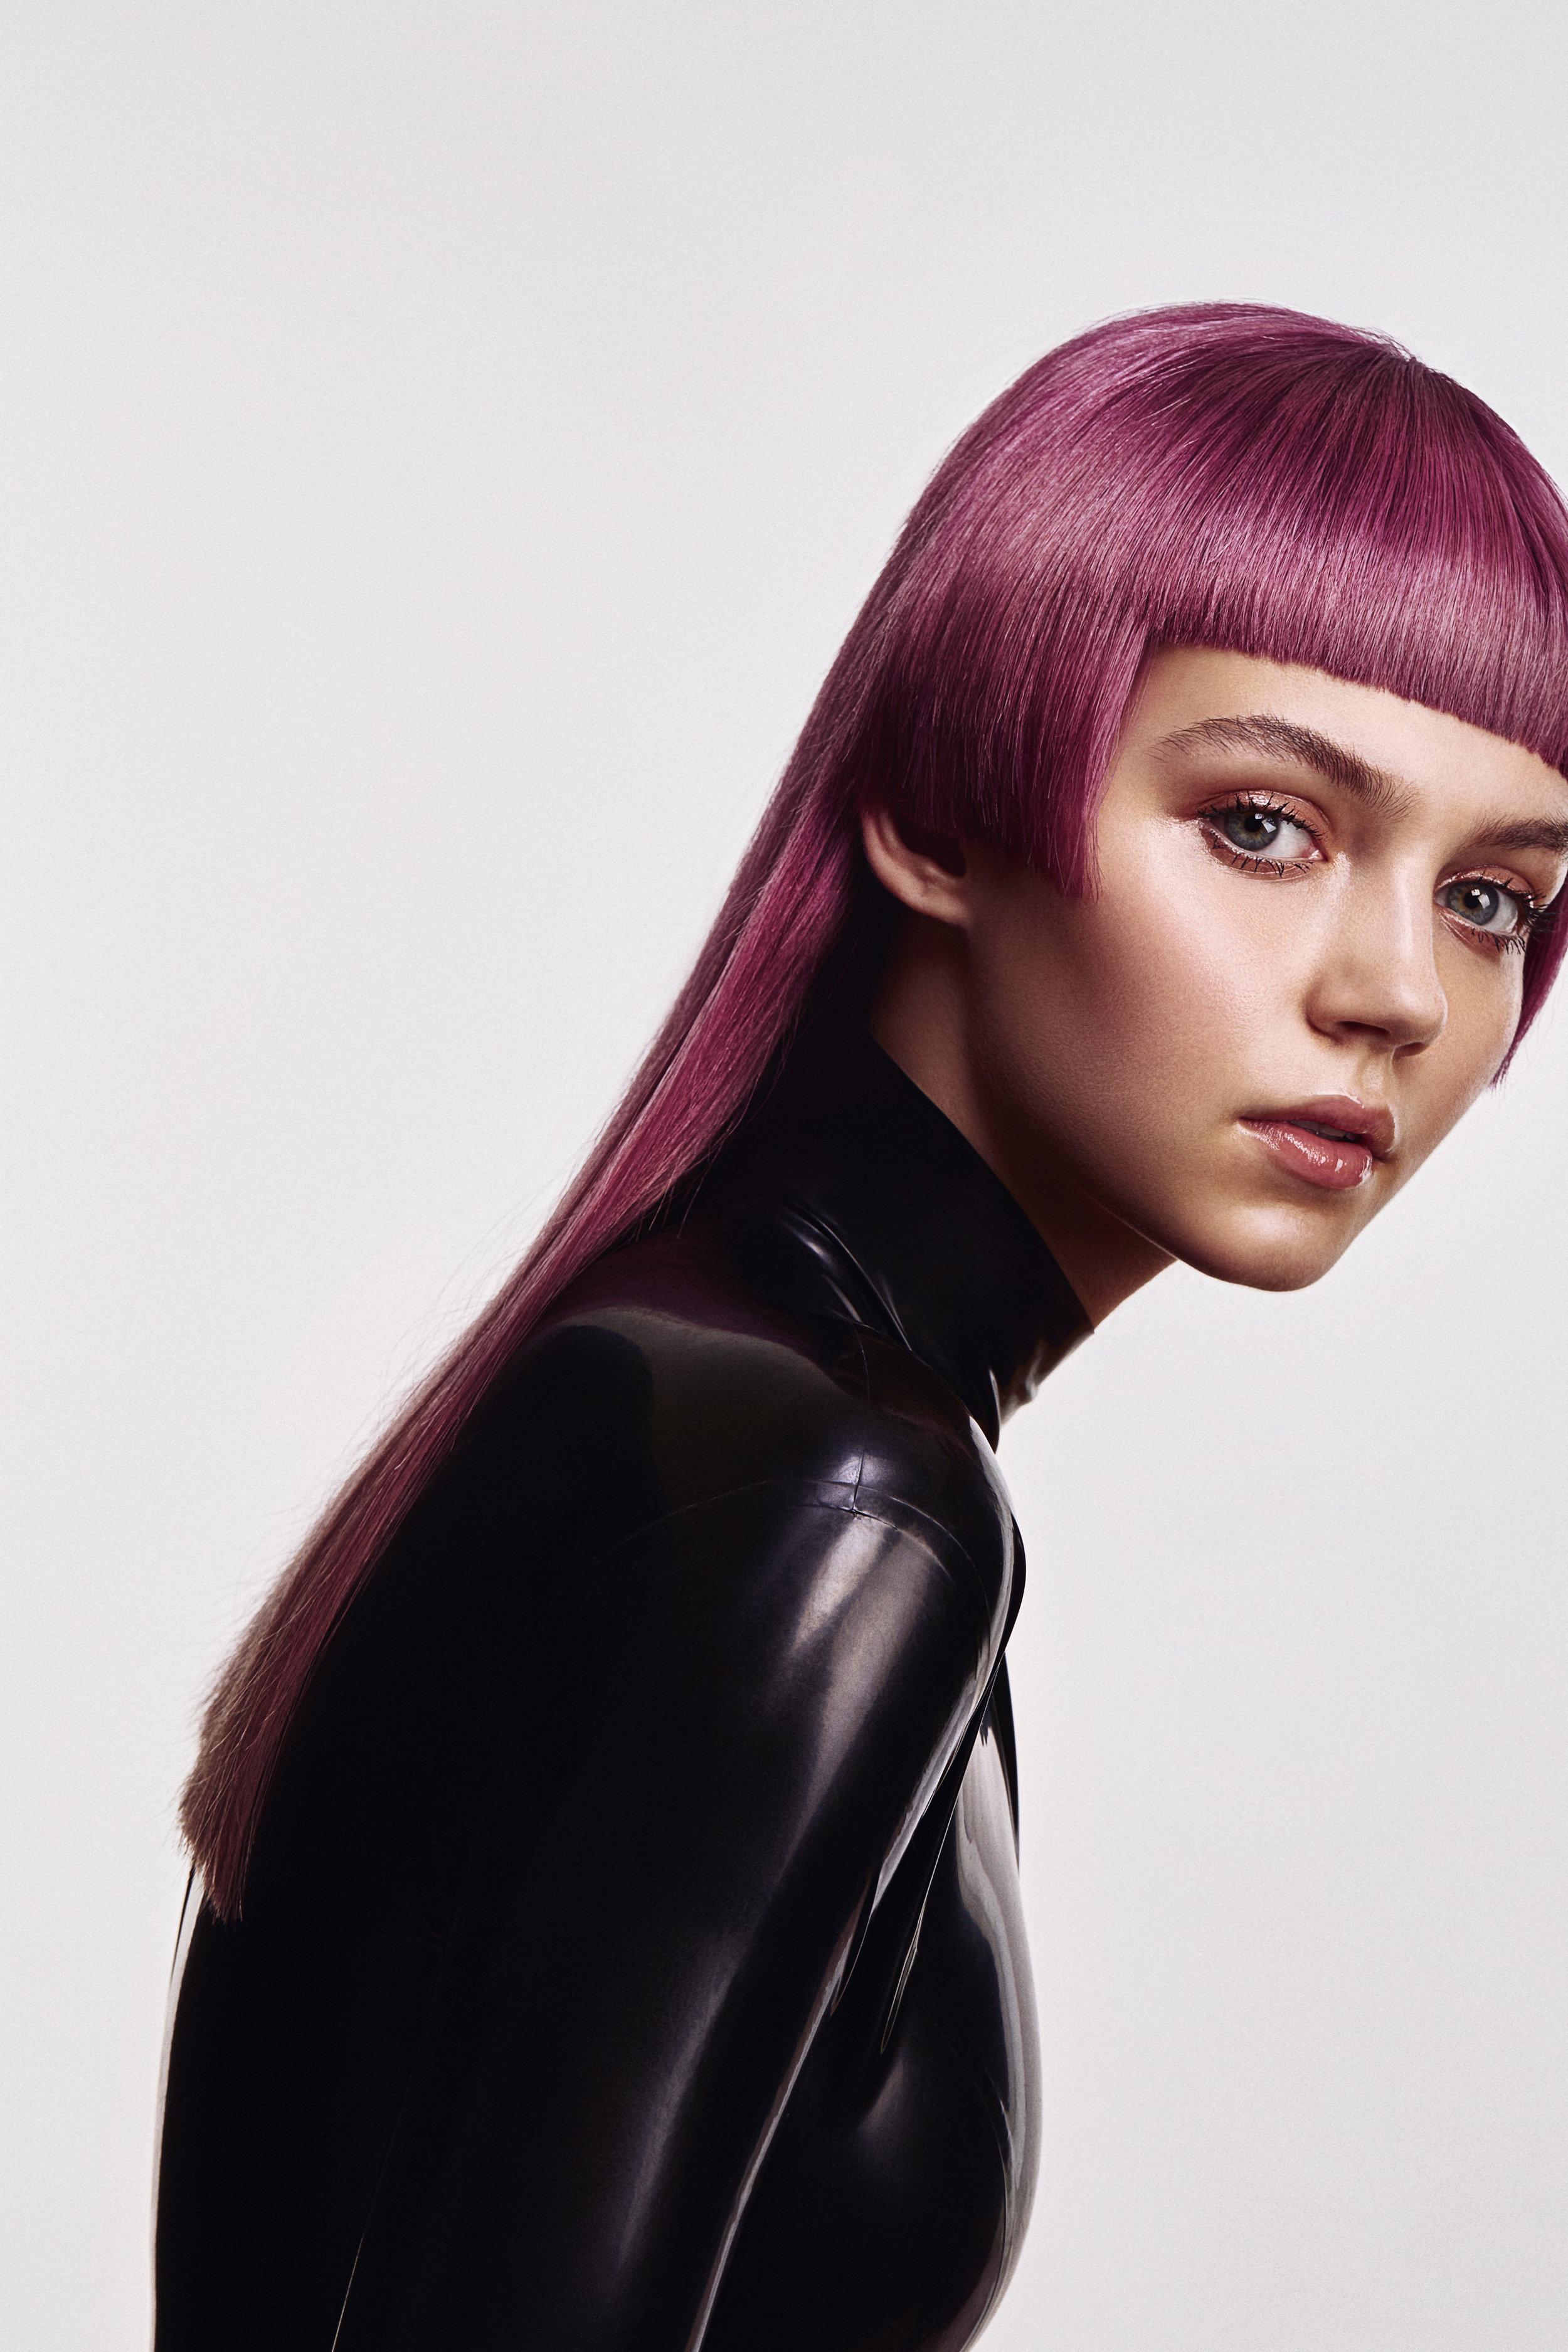 WERDE HAARMODELLWir suchen nach Haarmodellen für Shootings, Shows & Schulungen -